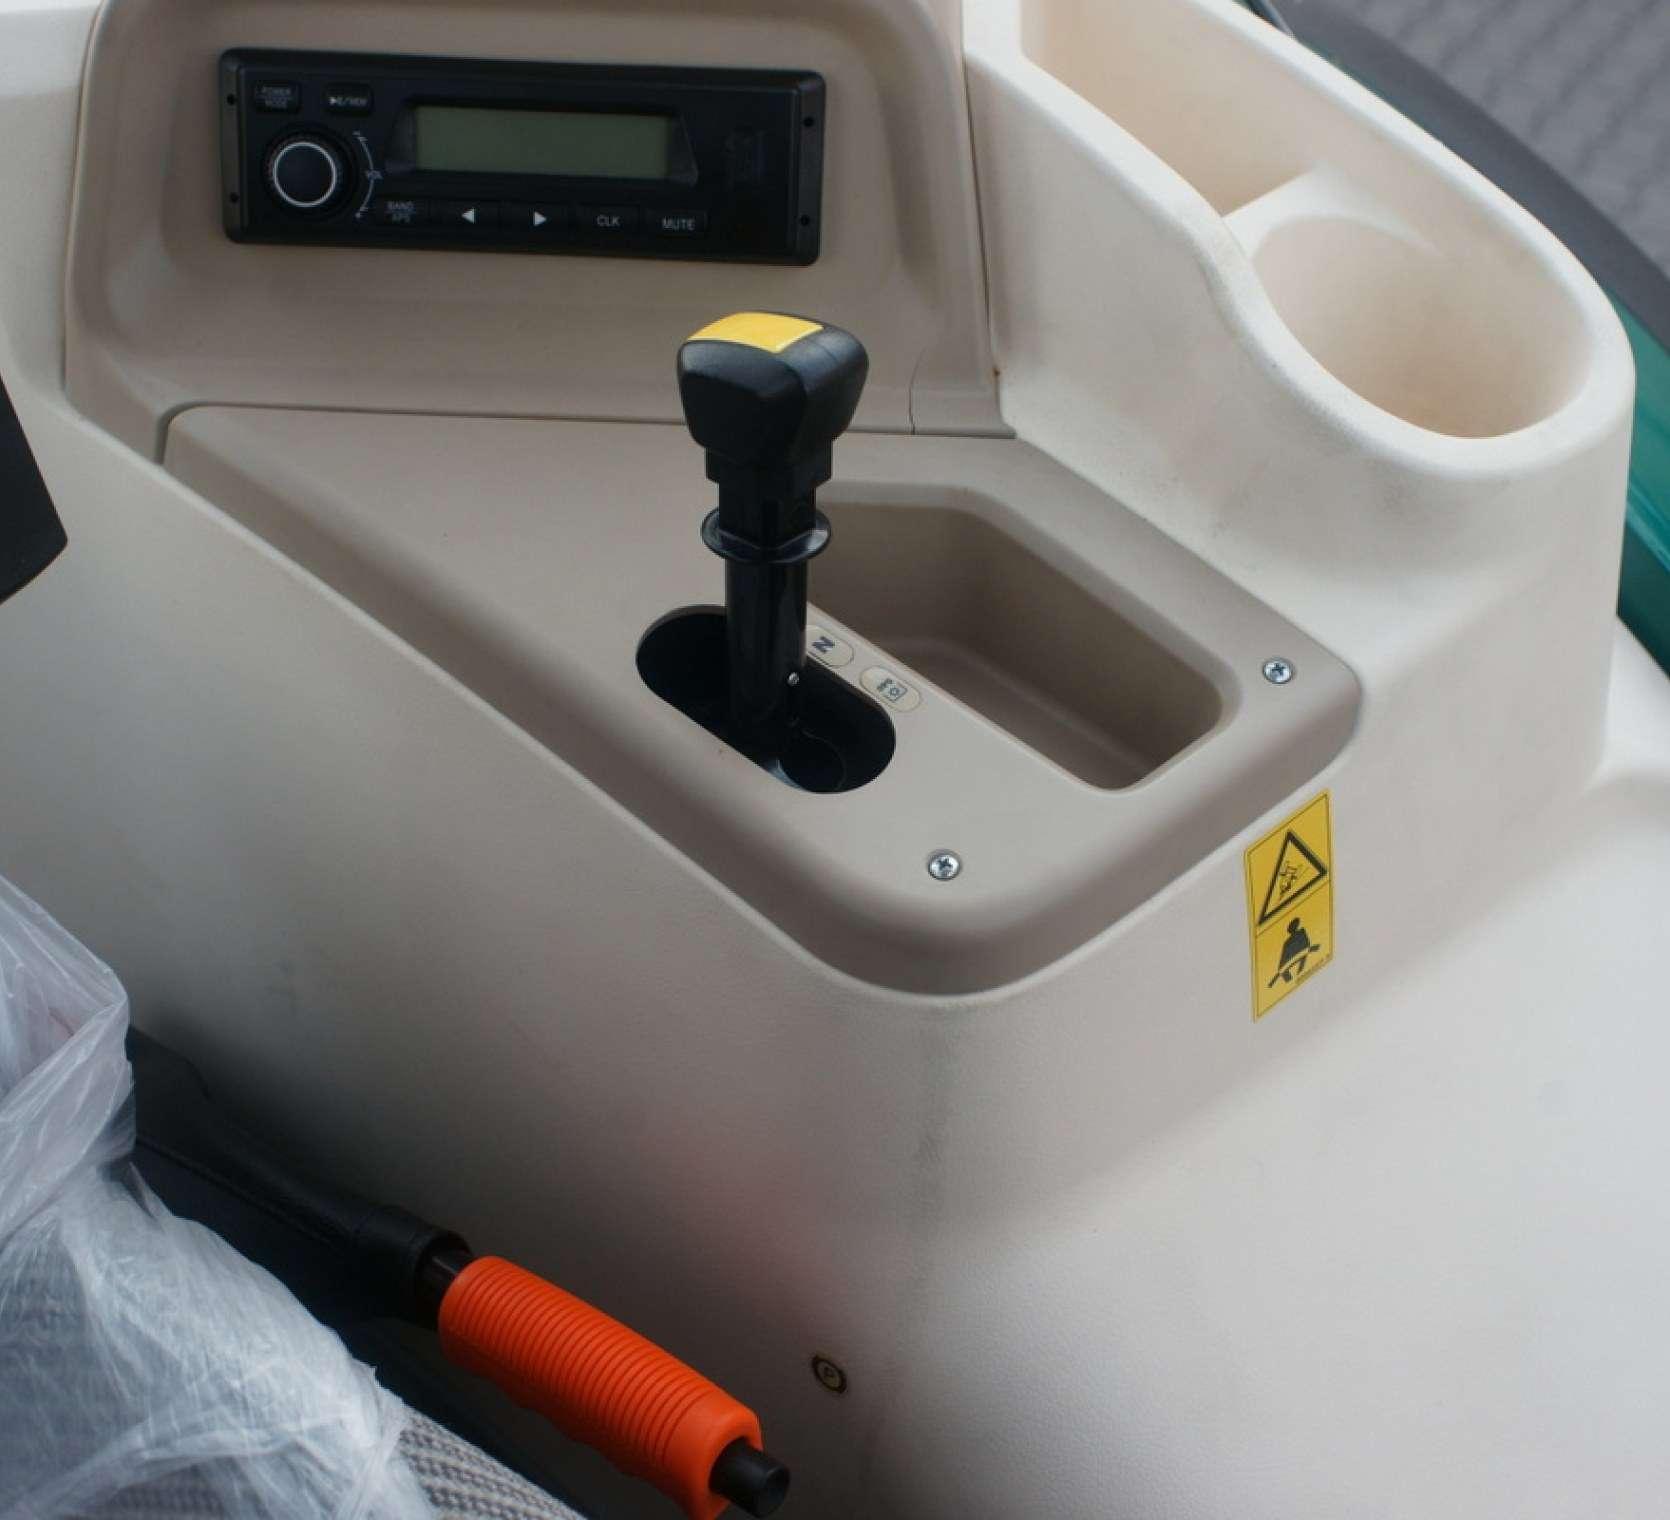 walek wom dzwignia hamulca recznego oraz radio w ciagniku arbos serii 5000